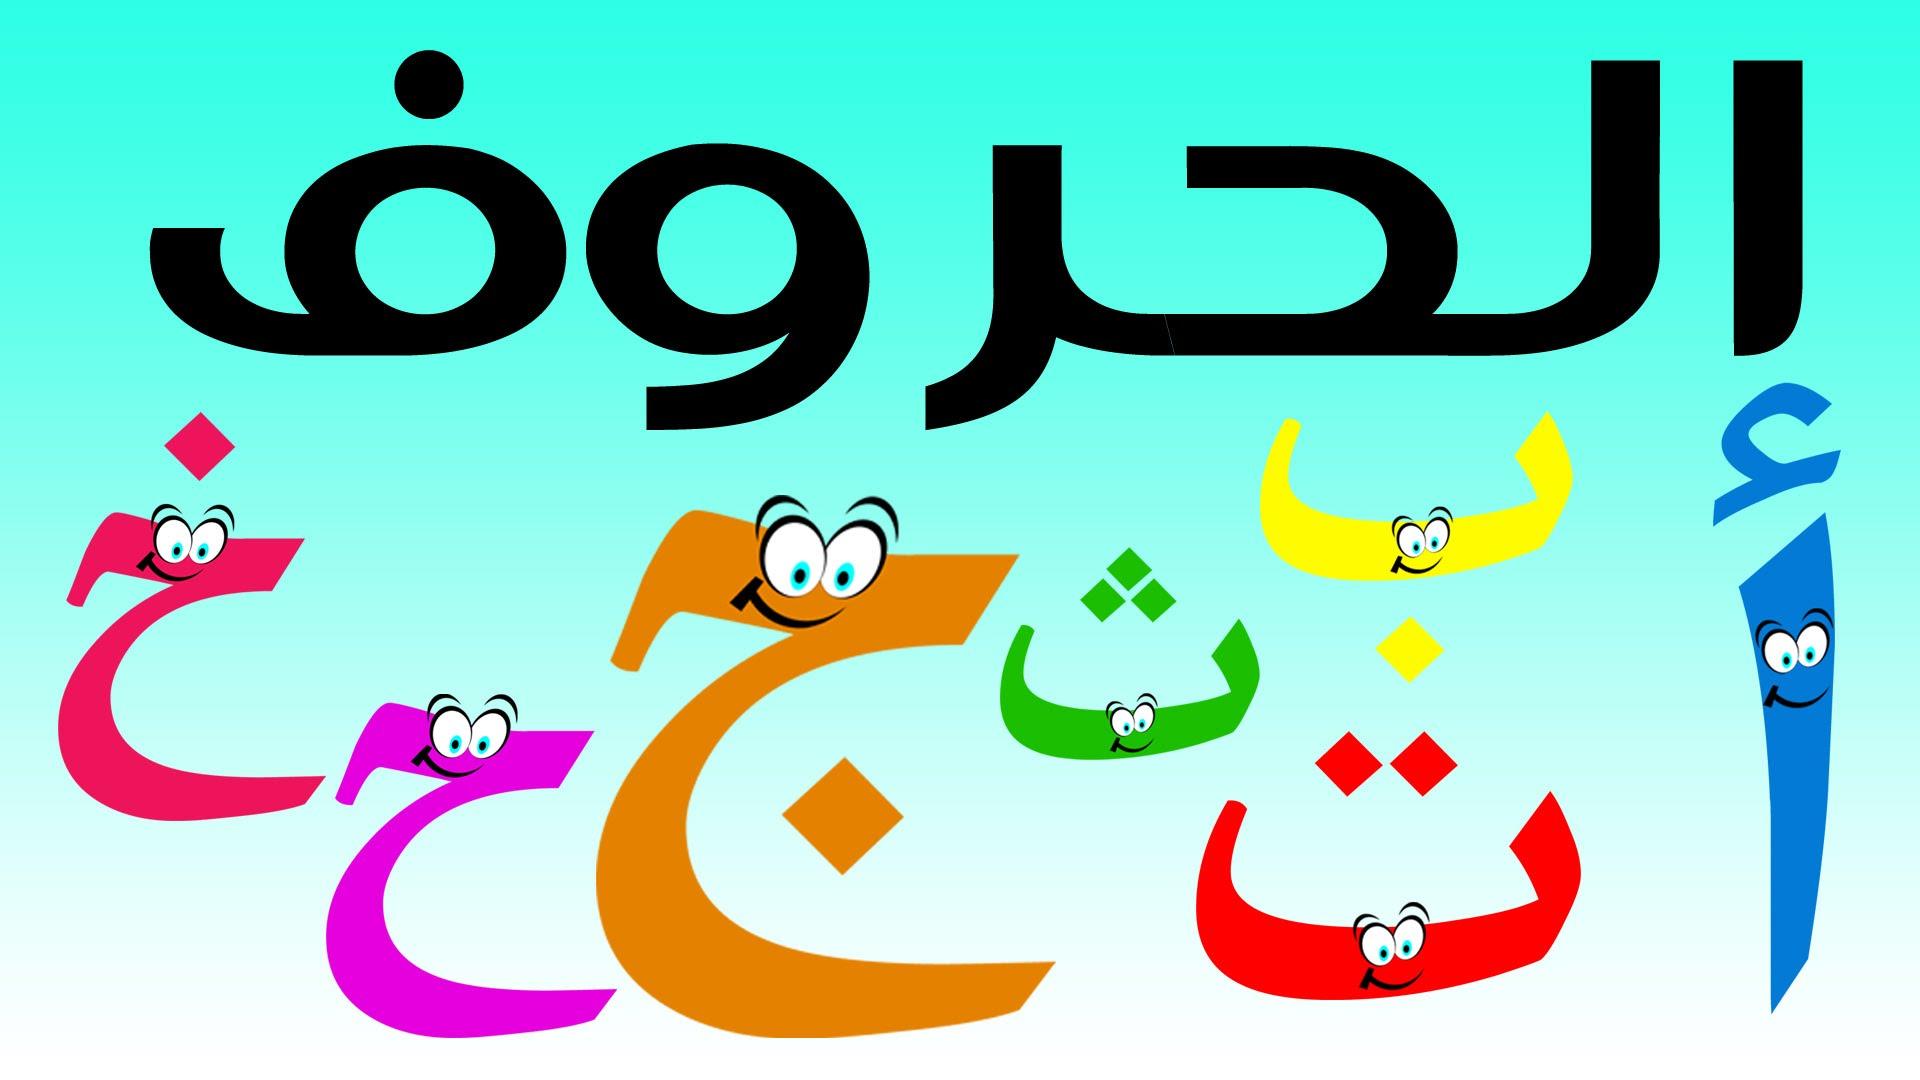 بالصور صور الحروف العربية , صور حروف للاطفال 1907 6